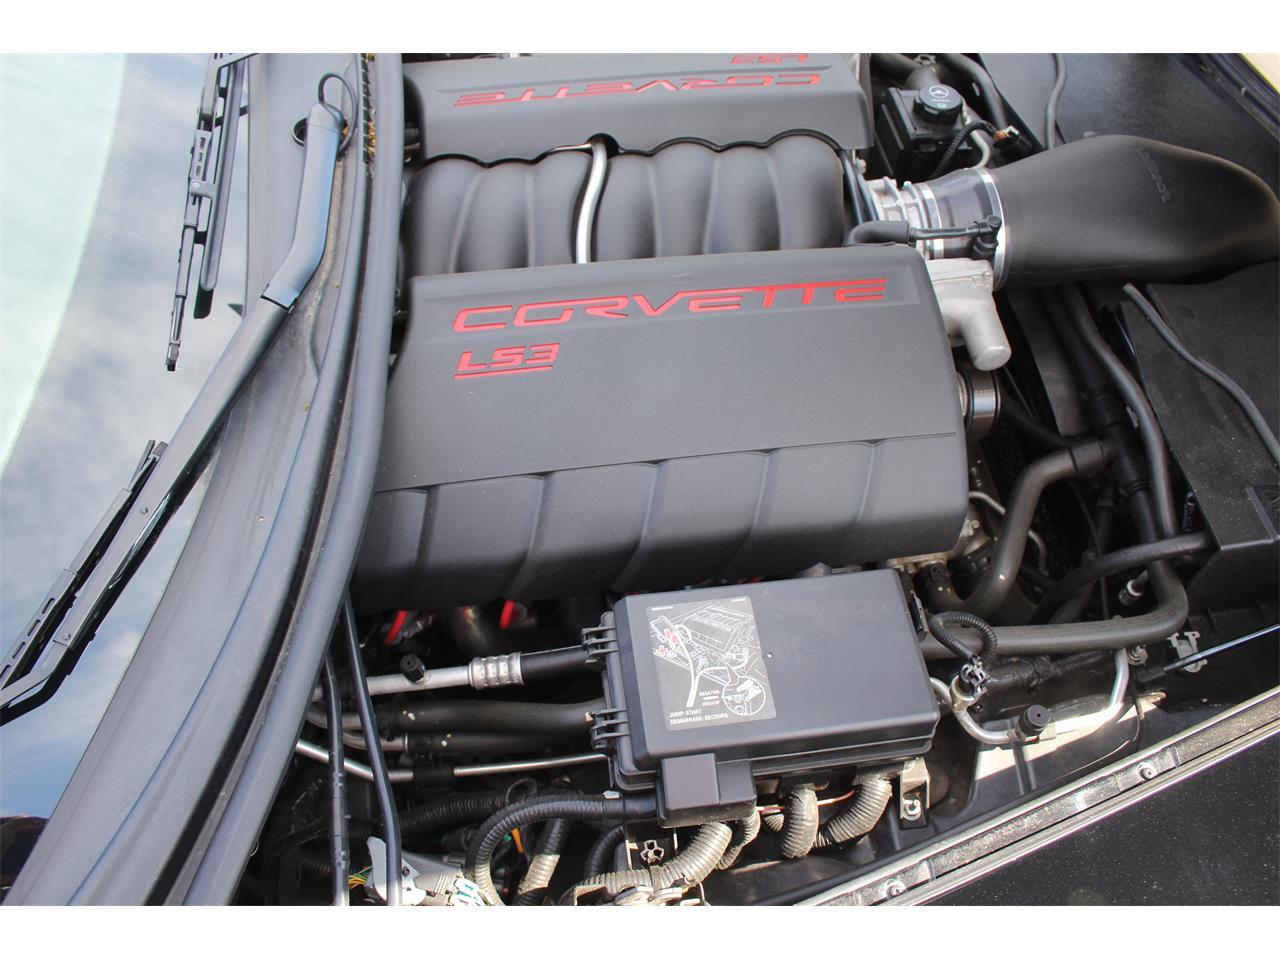 2010 Chevrolet Corvette (CC-1359263) for sale in Lake Zurich, Illinois